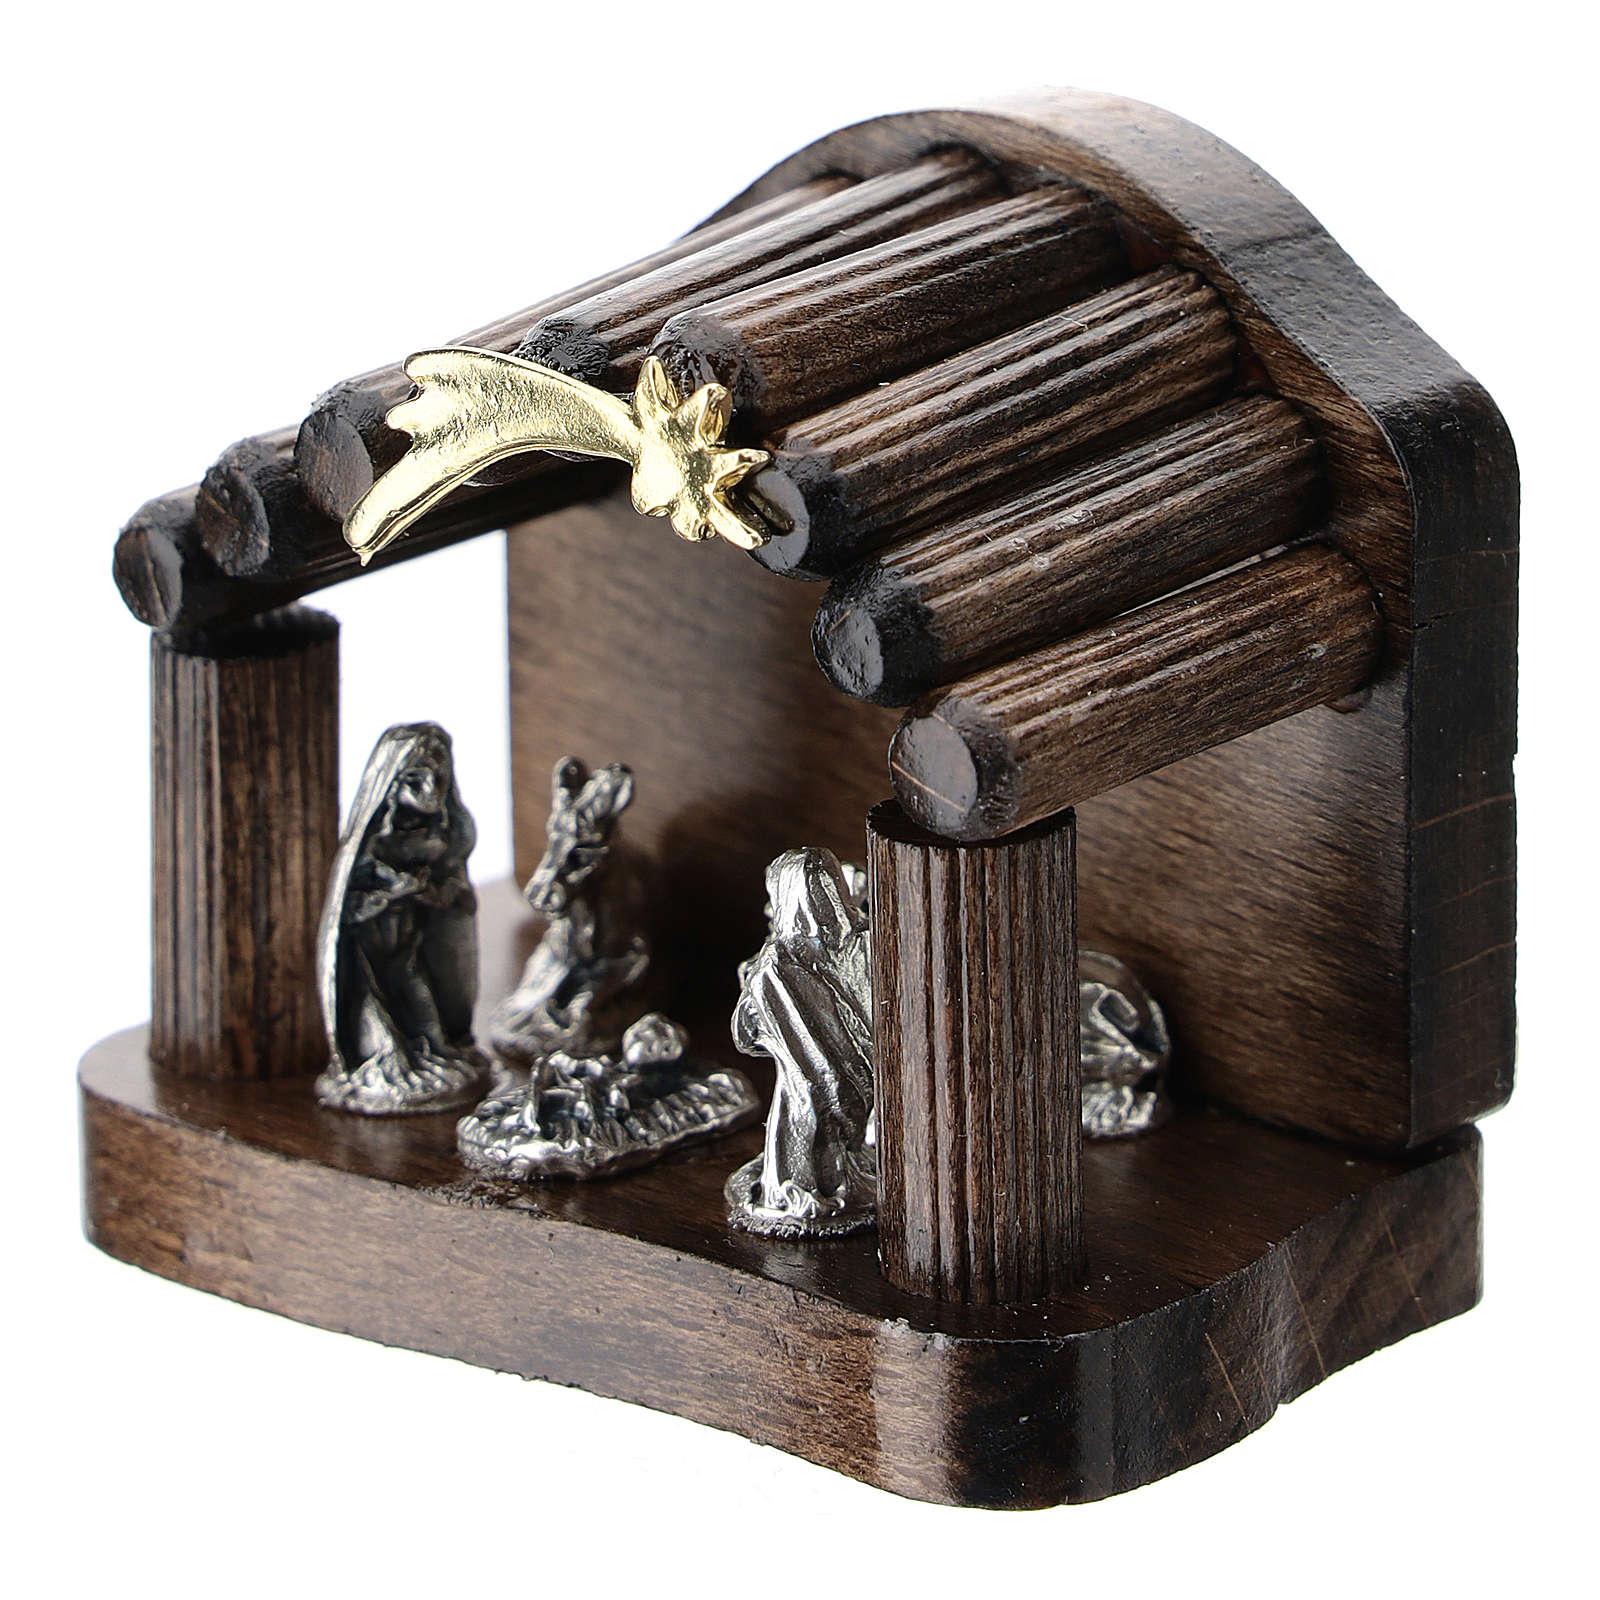 Nativité métal et cabane bois en rondins 5 cm 3